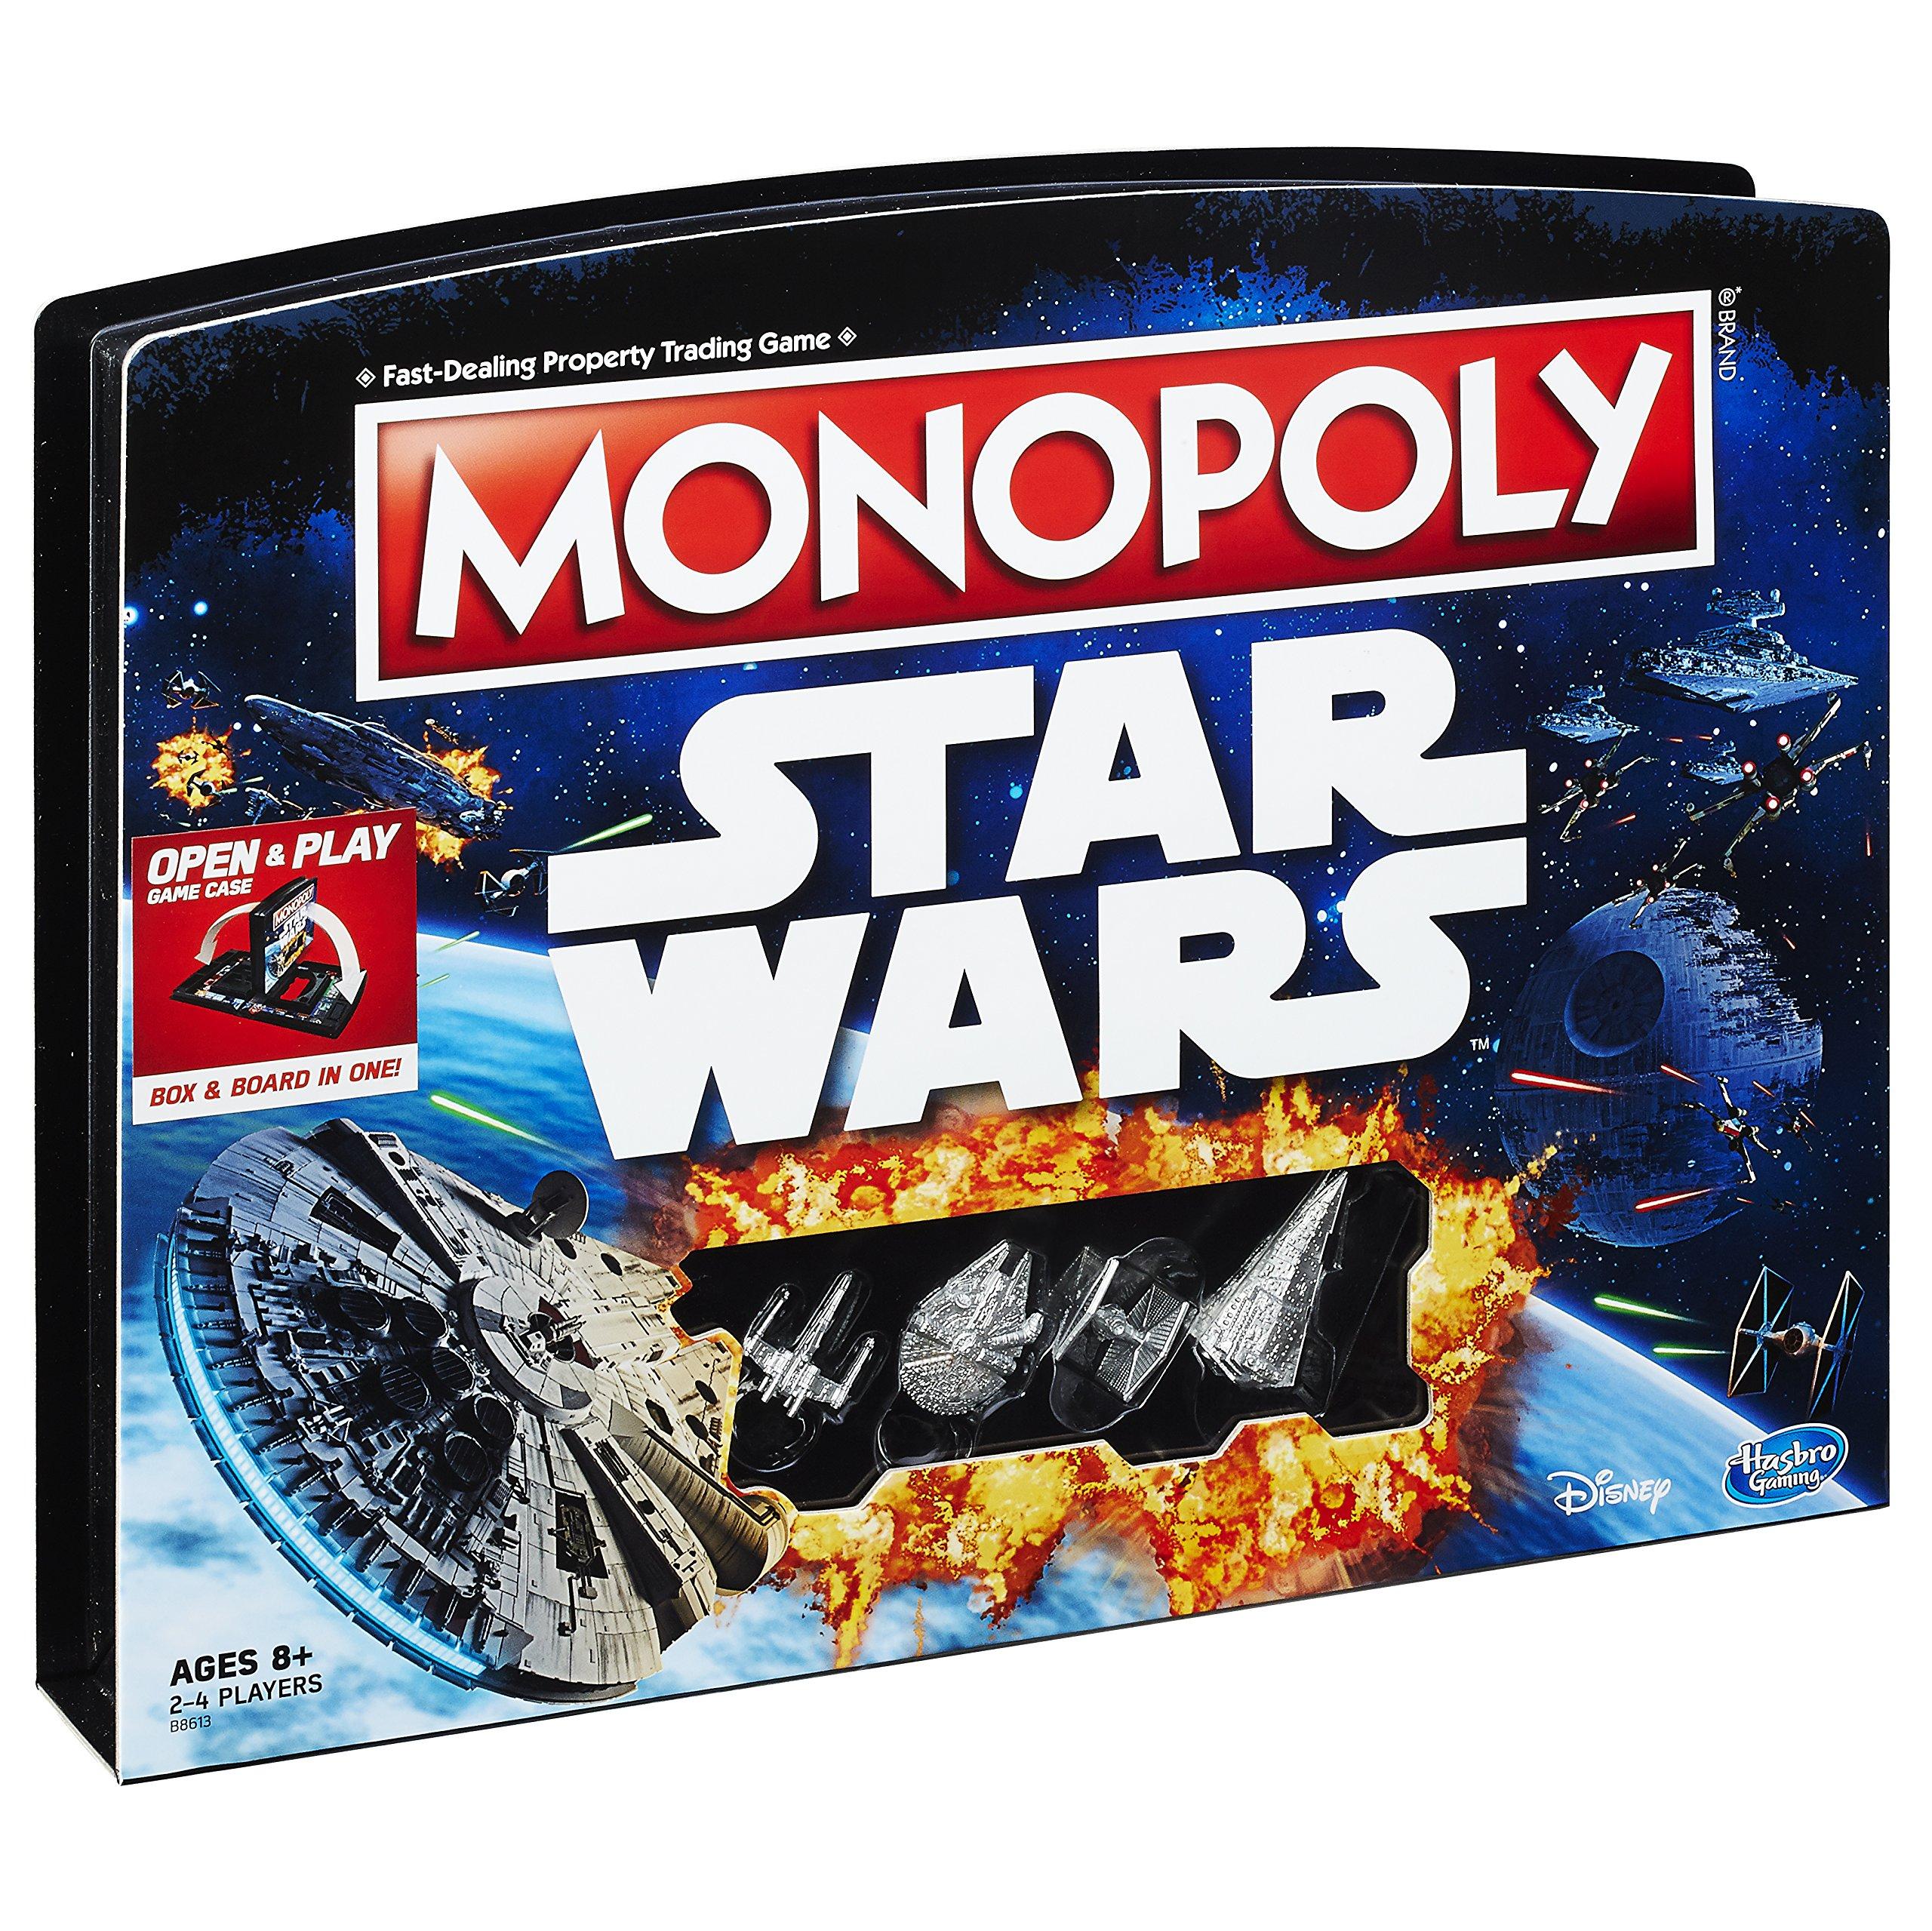 Desconocido Monopoly Star Wars: Amazon.es: Electrónica